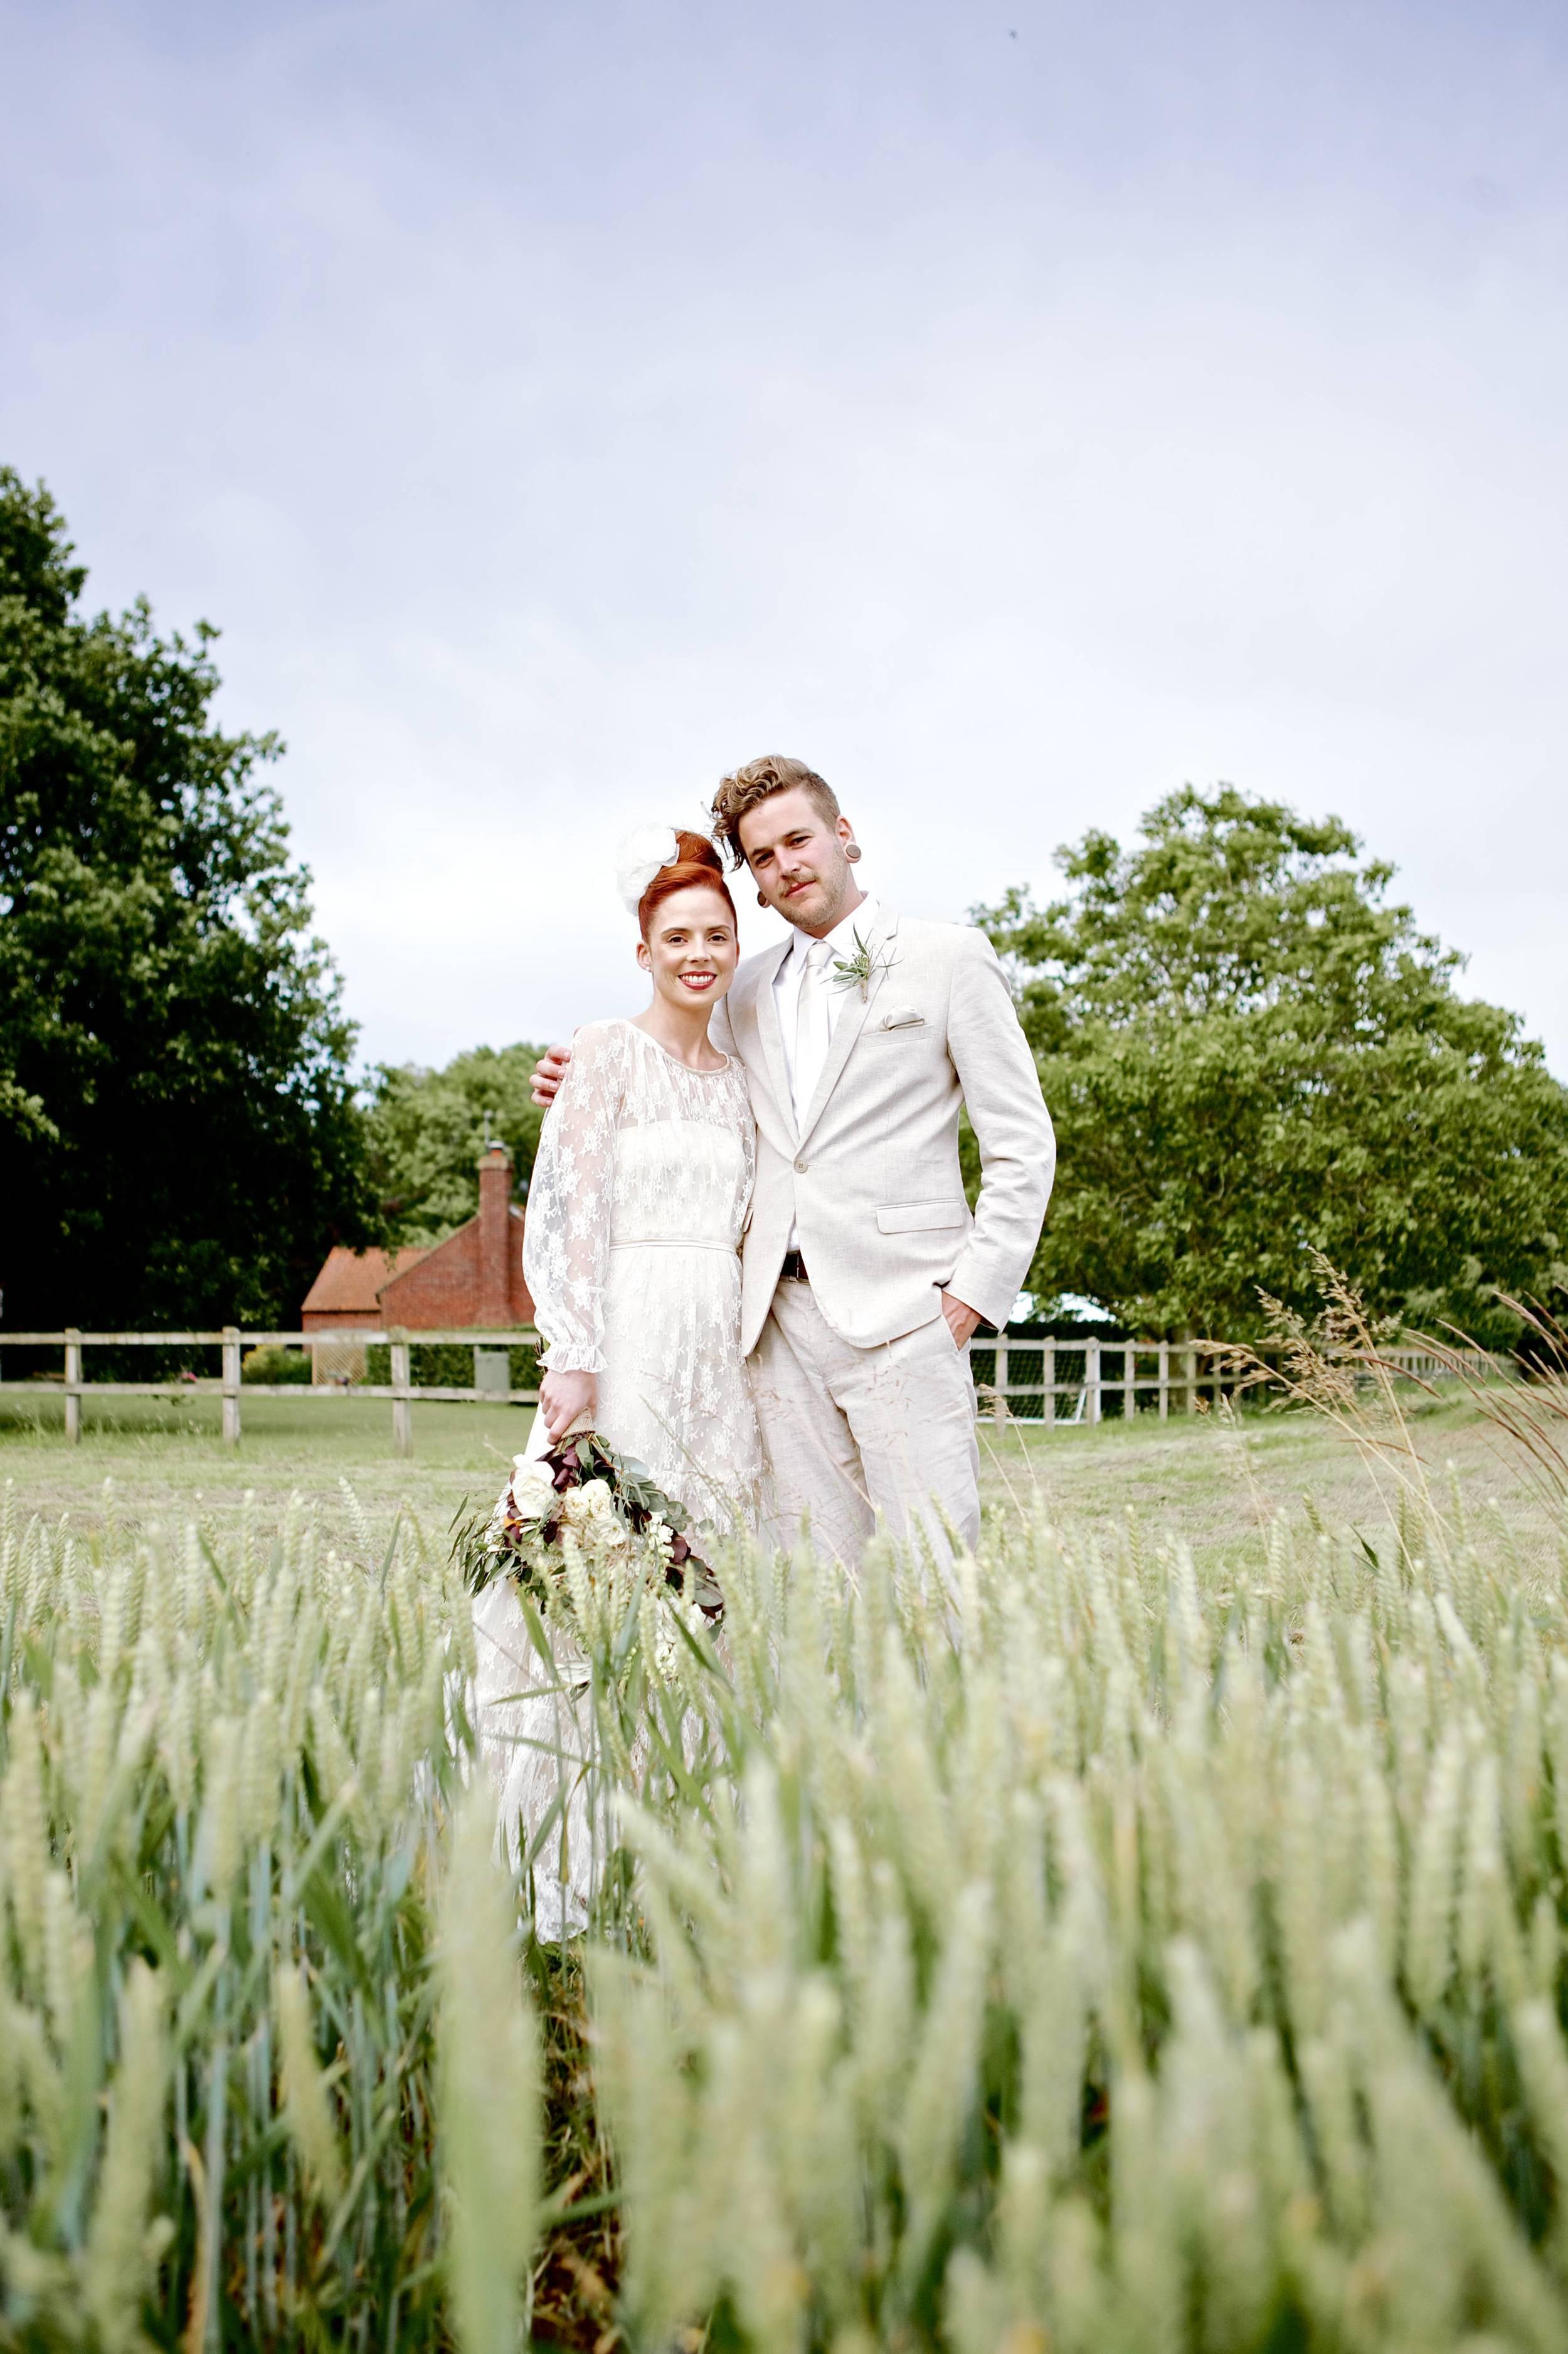 Hill_Wedding_3O5A6172.jpg